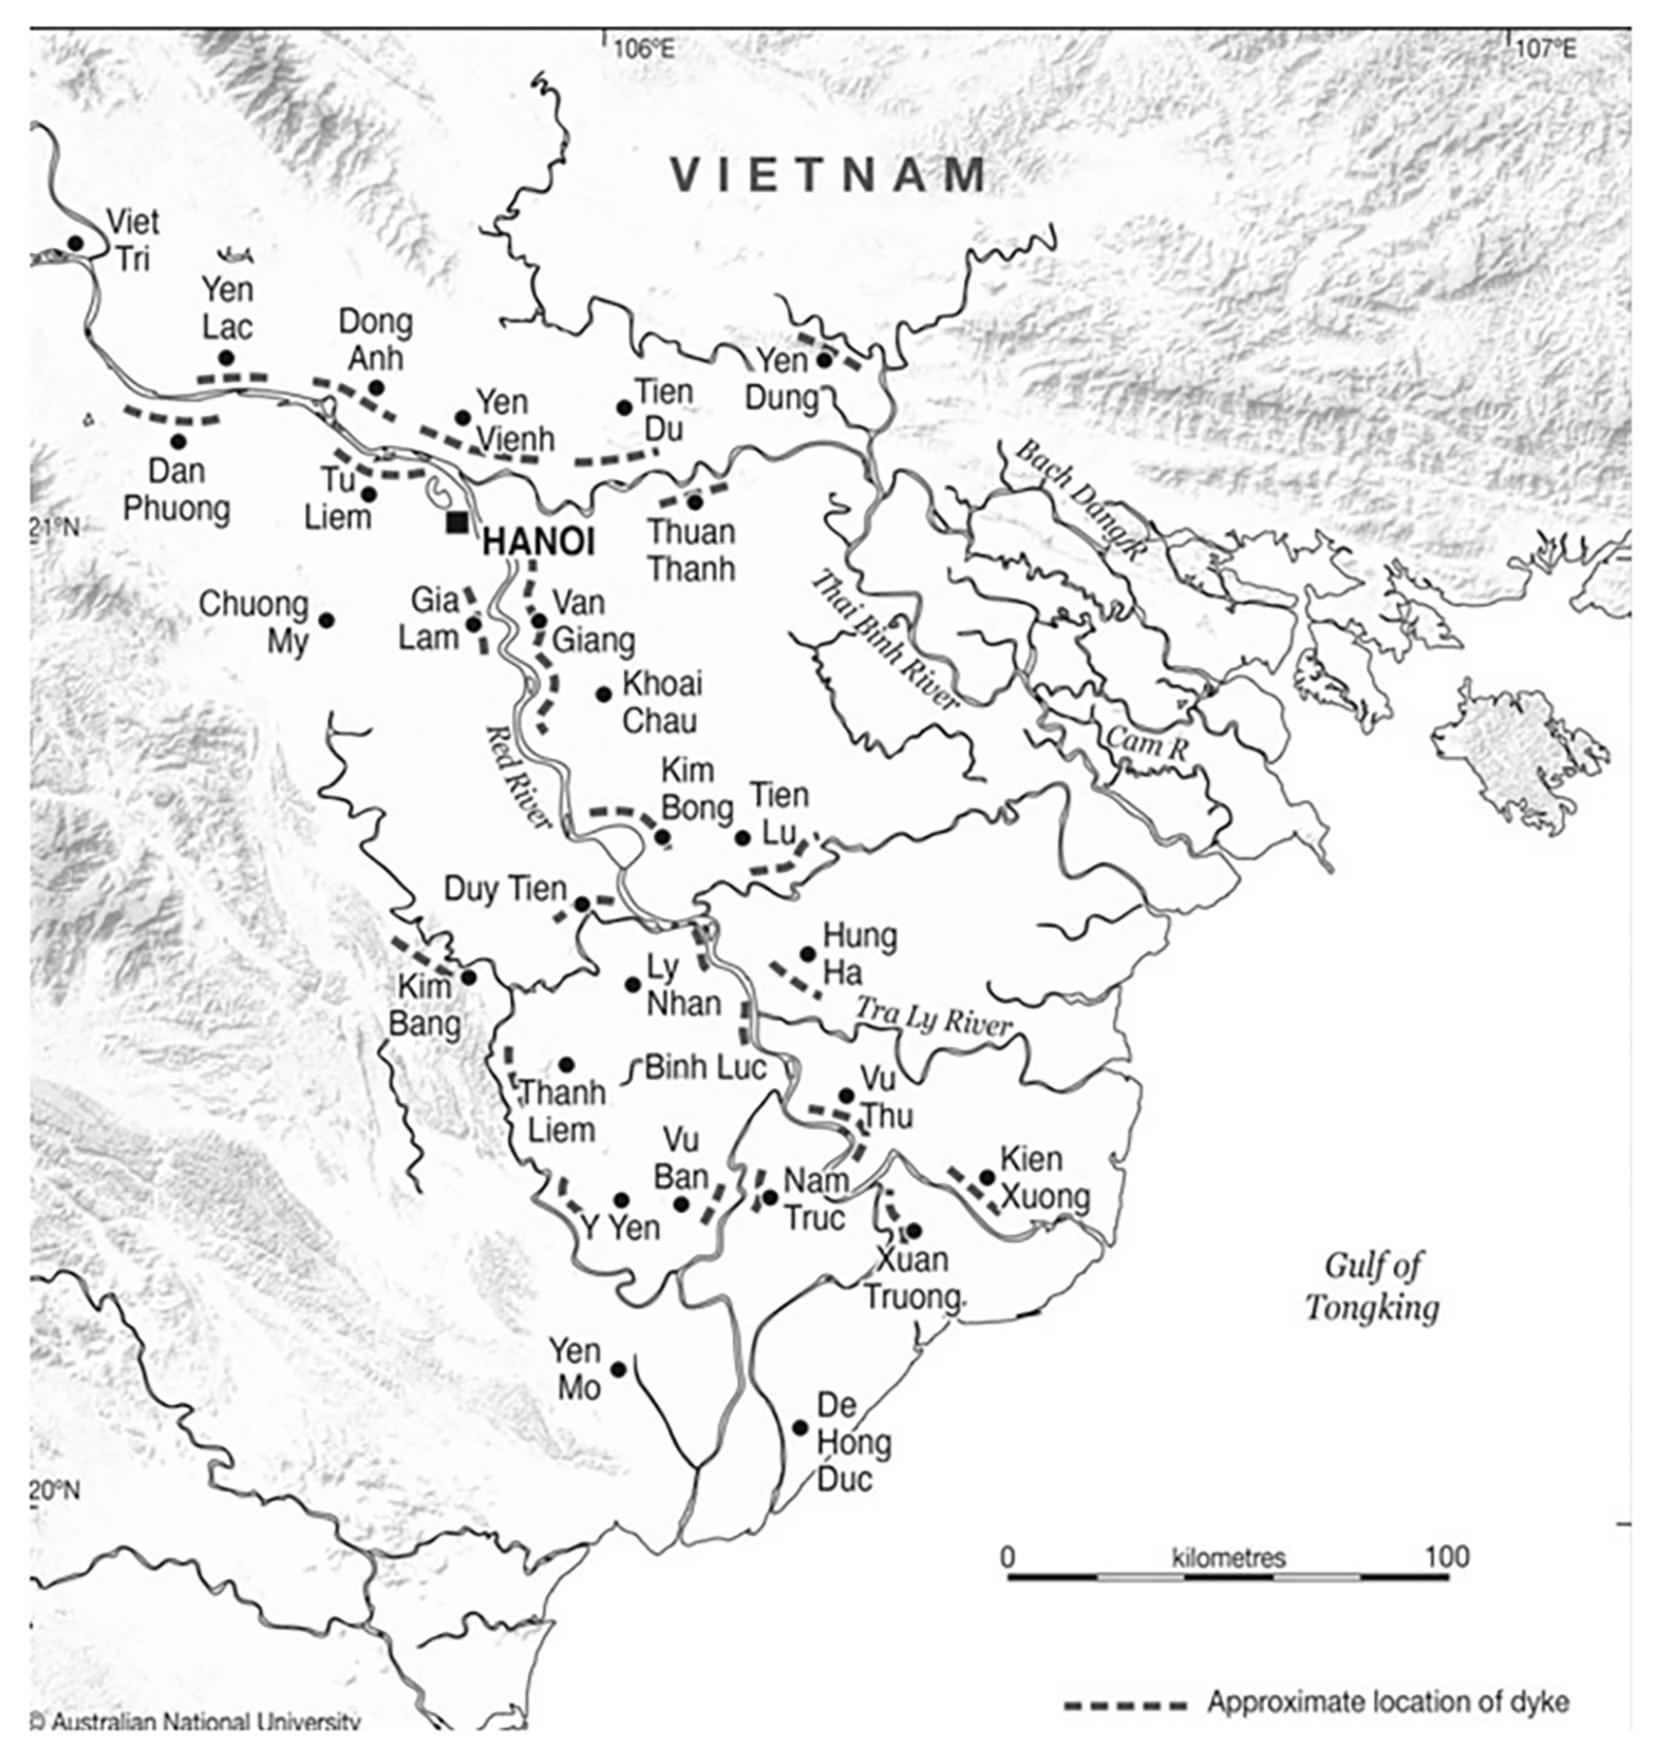 Lịch sử môi trường và thiên tai ở Việt Nam 2